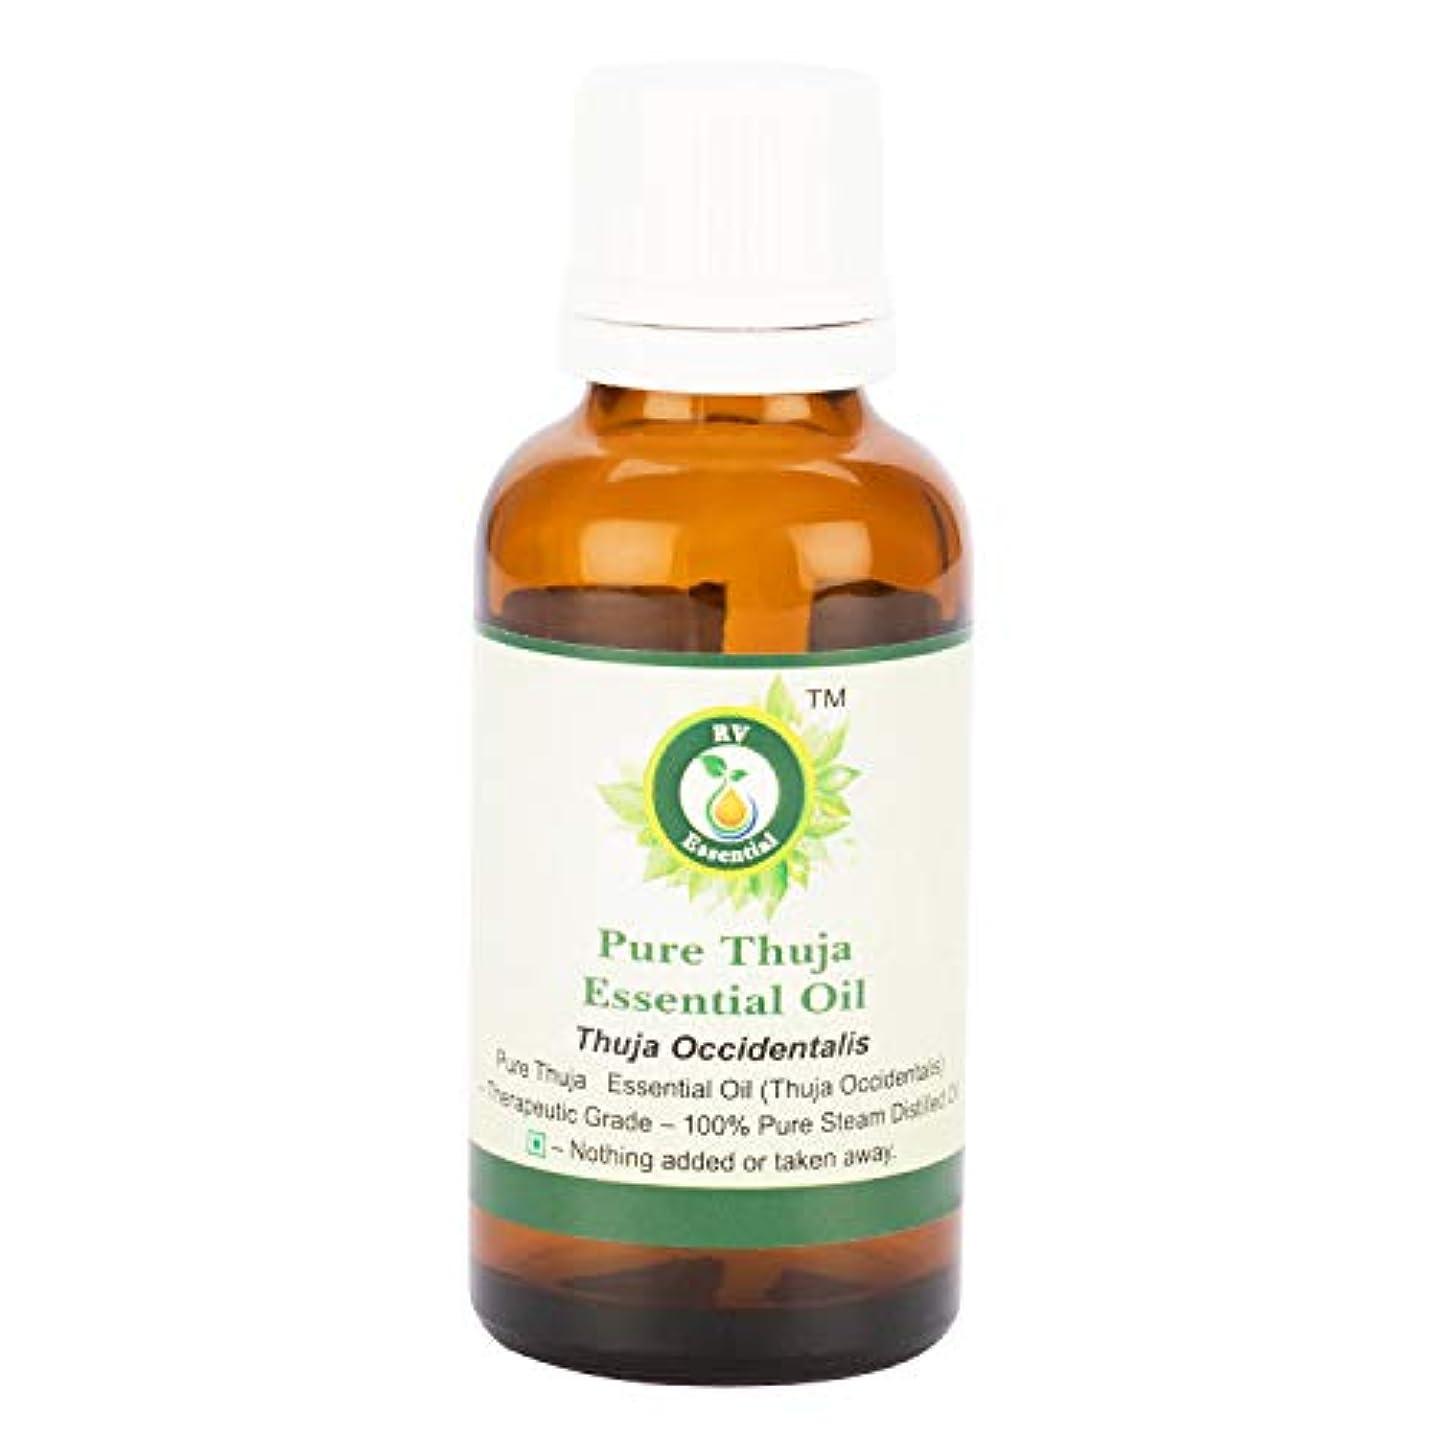 コントラスト生物学羊飼いピュアThujaエッセンシャルオイル300ml (10oz)- Thuja Occidentalis (100%純粋&天然スチームDistilled) Pure Thuja Essential Oil